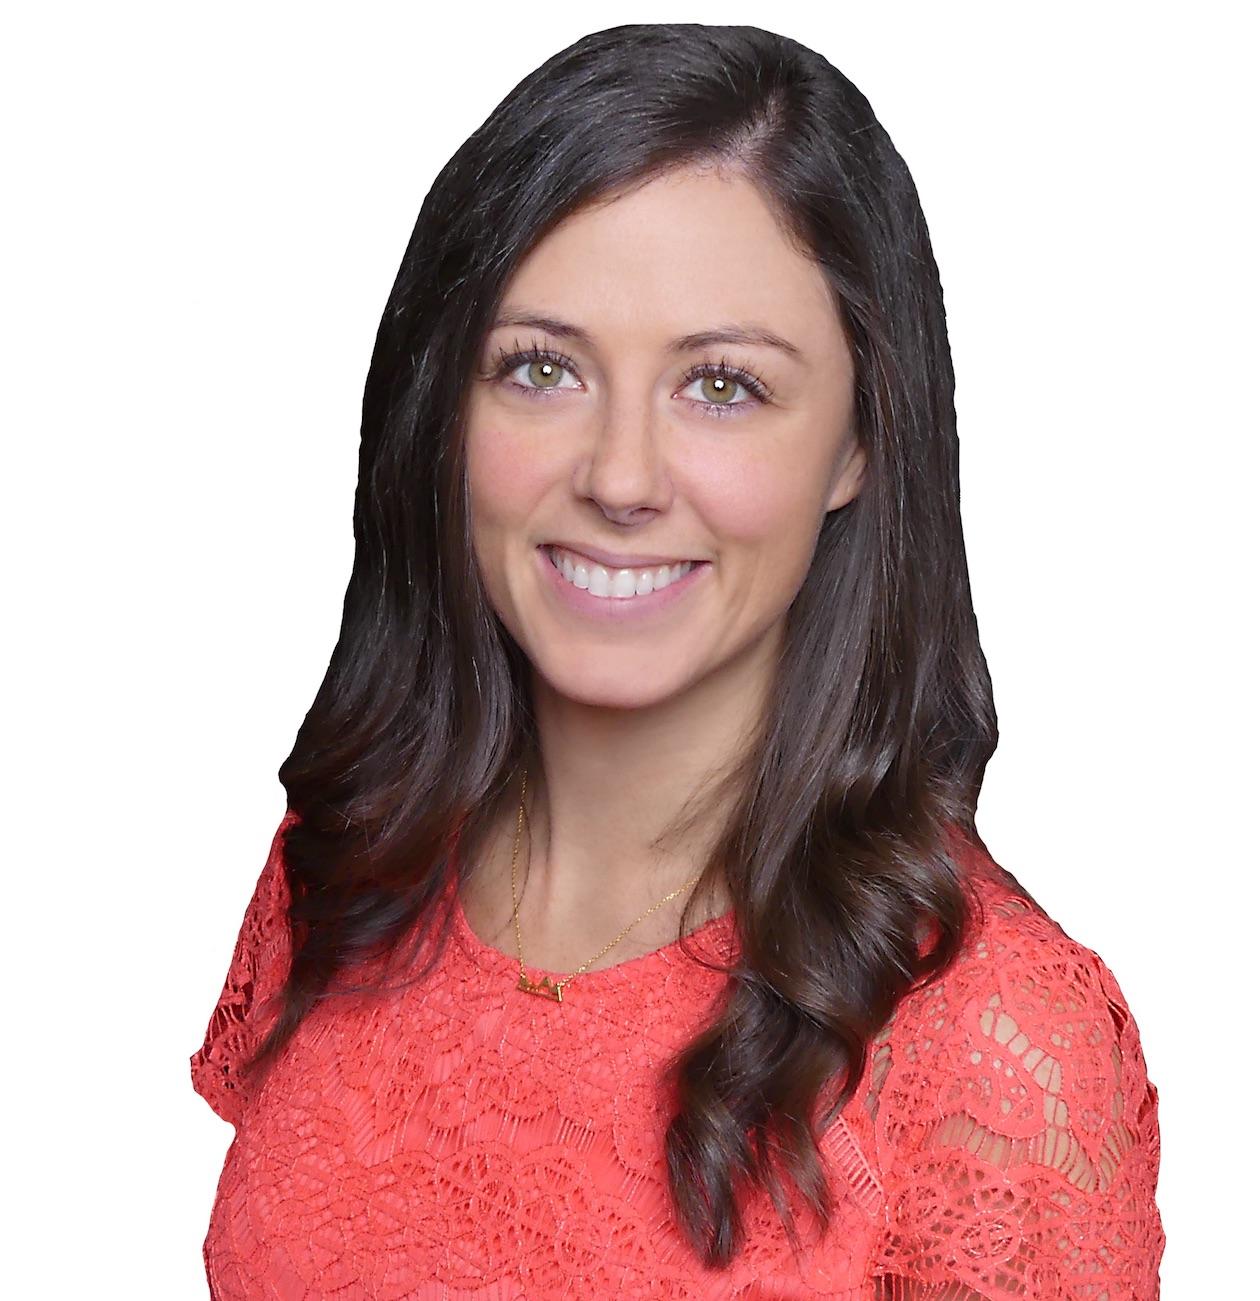 Kylie McKay